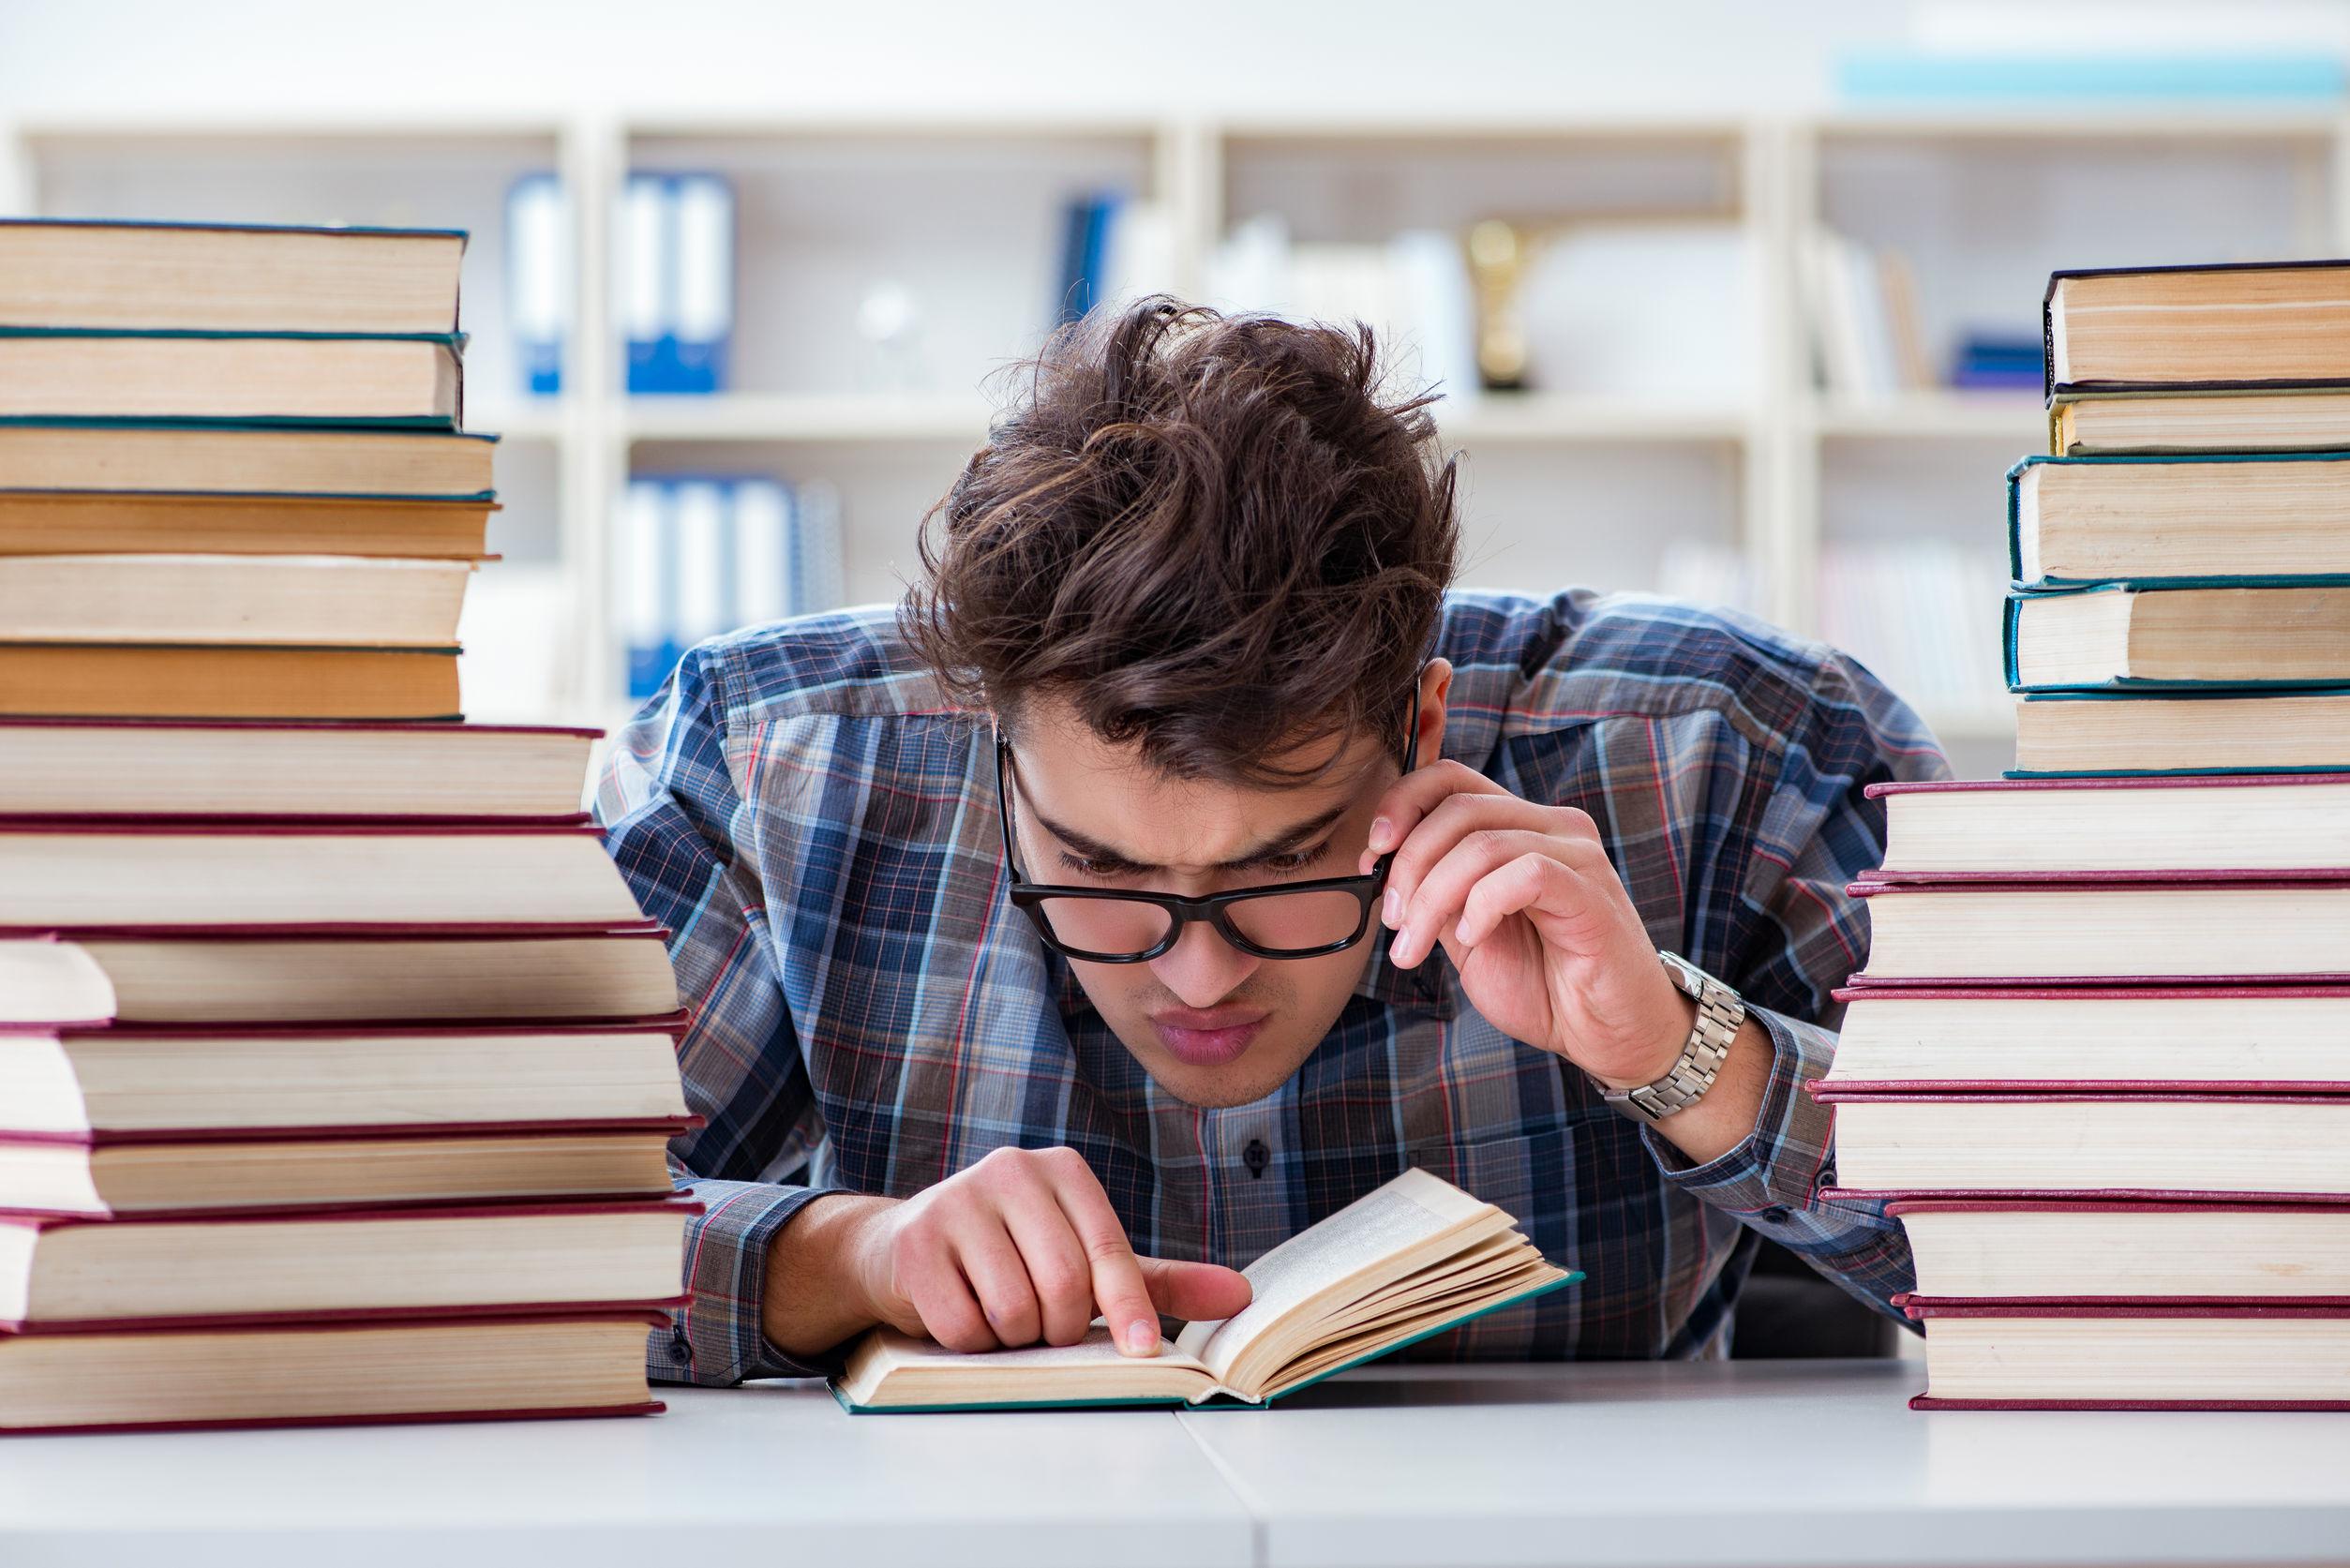 天道教育集团澳洲名师:普通学士学位和荣誉学士学位怎么选?